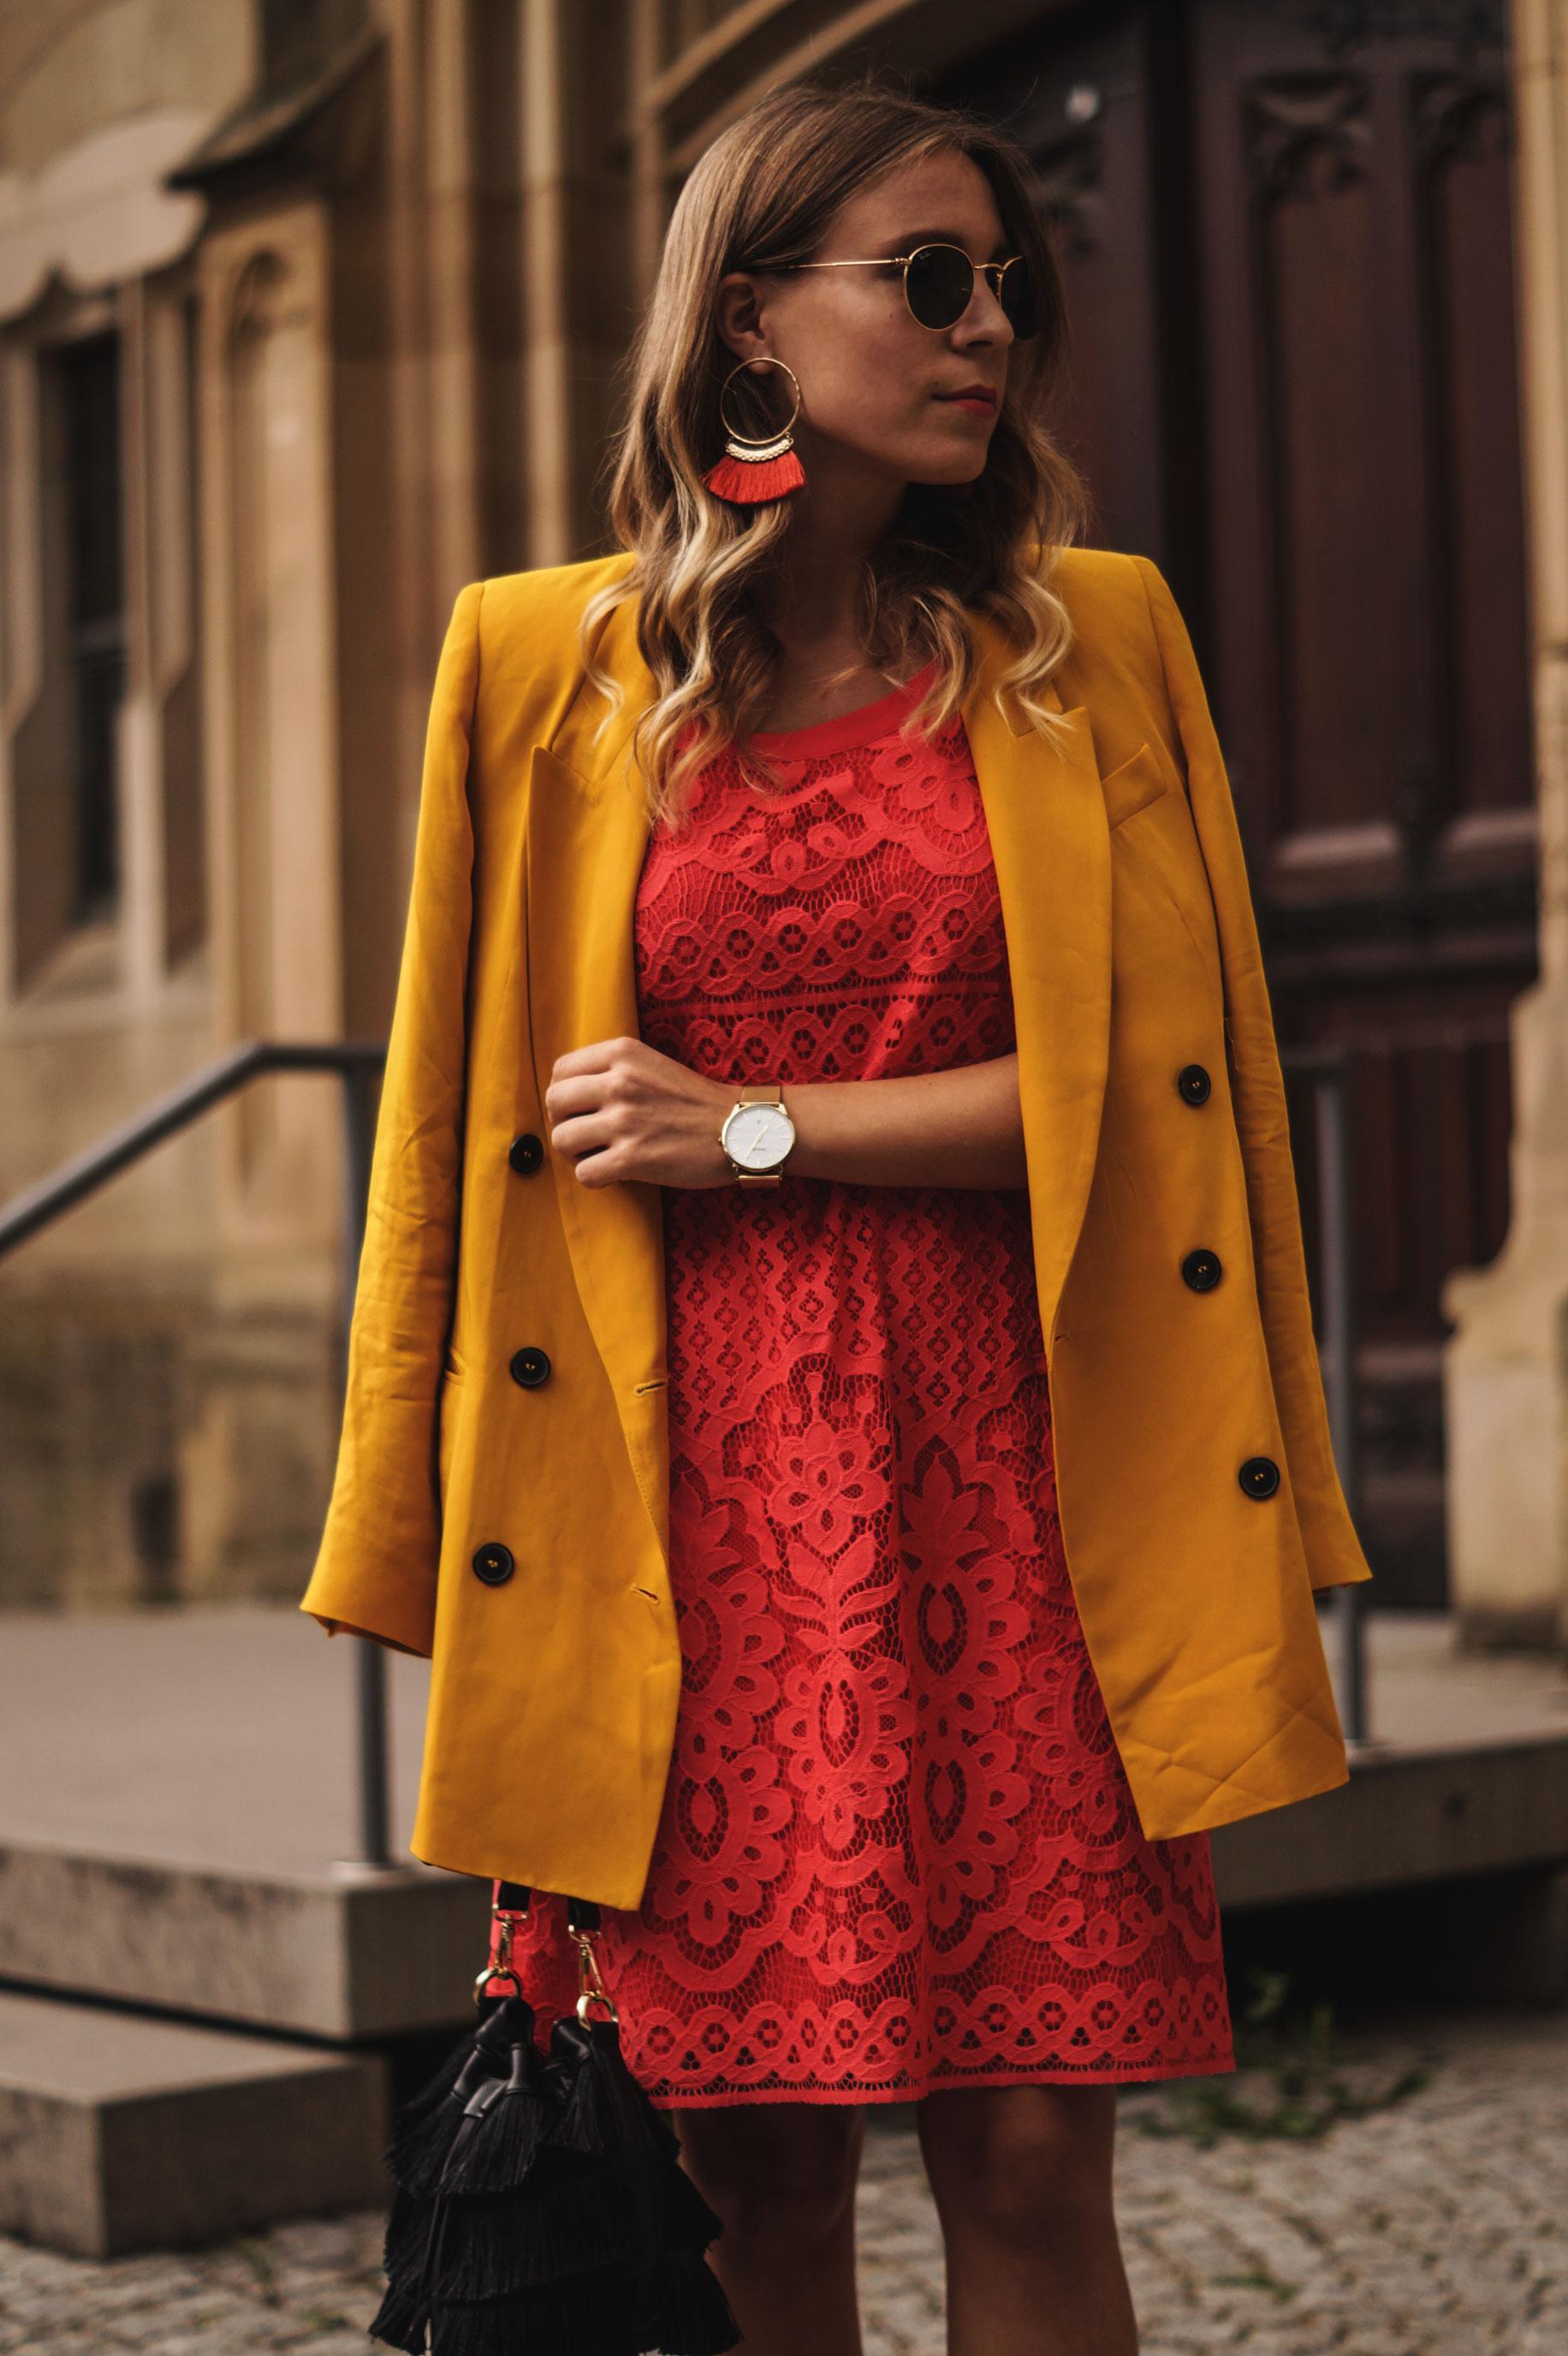 Modeblog Sariety Riani Dress Fashion Week Berlin Spitzenkleid gelber Blazer yellow Jacket Fiesta Rianista Color Blocking Fashionblogger_10